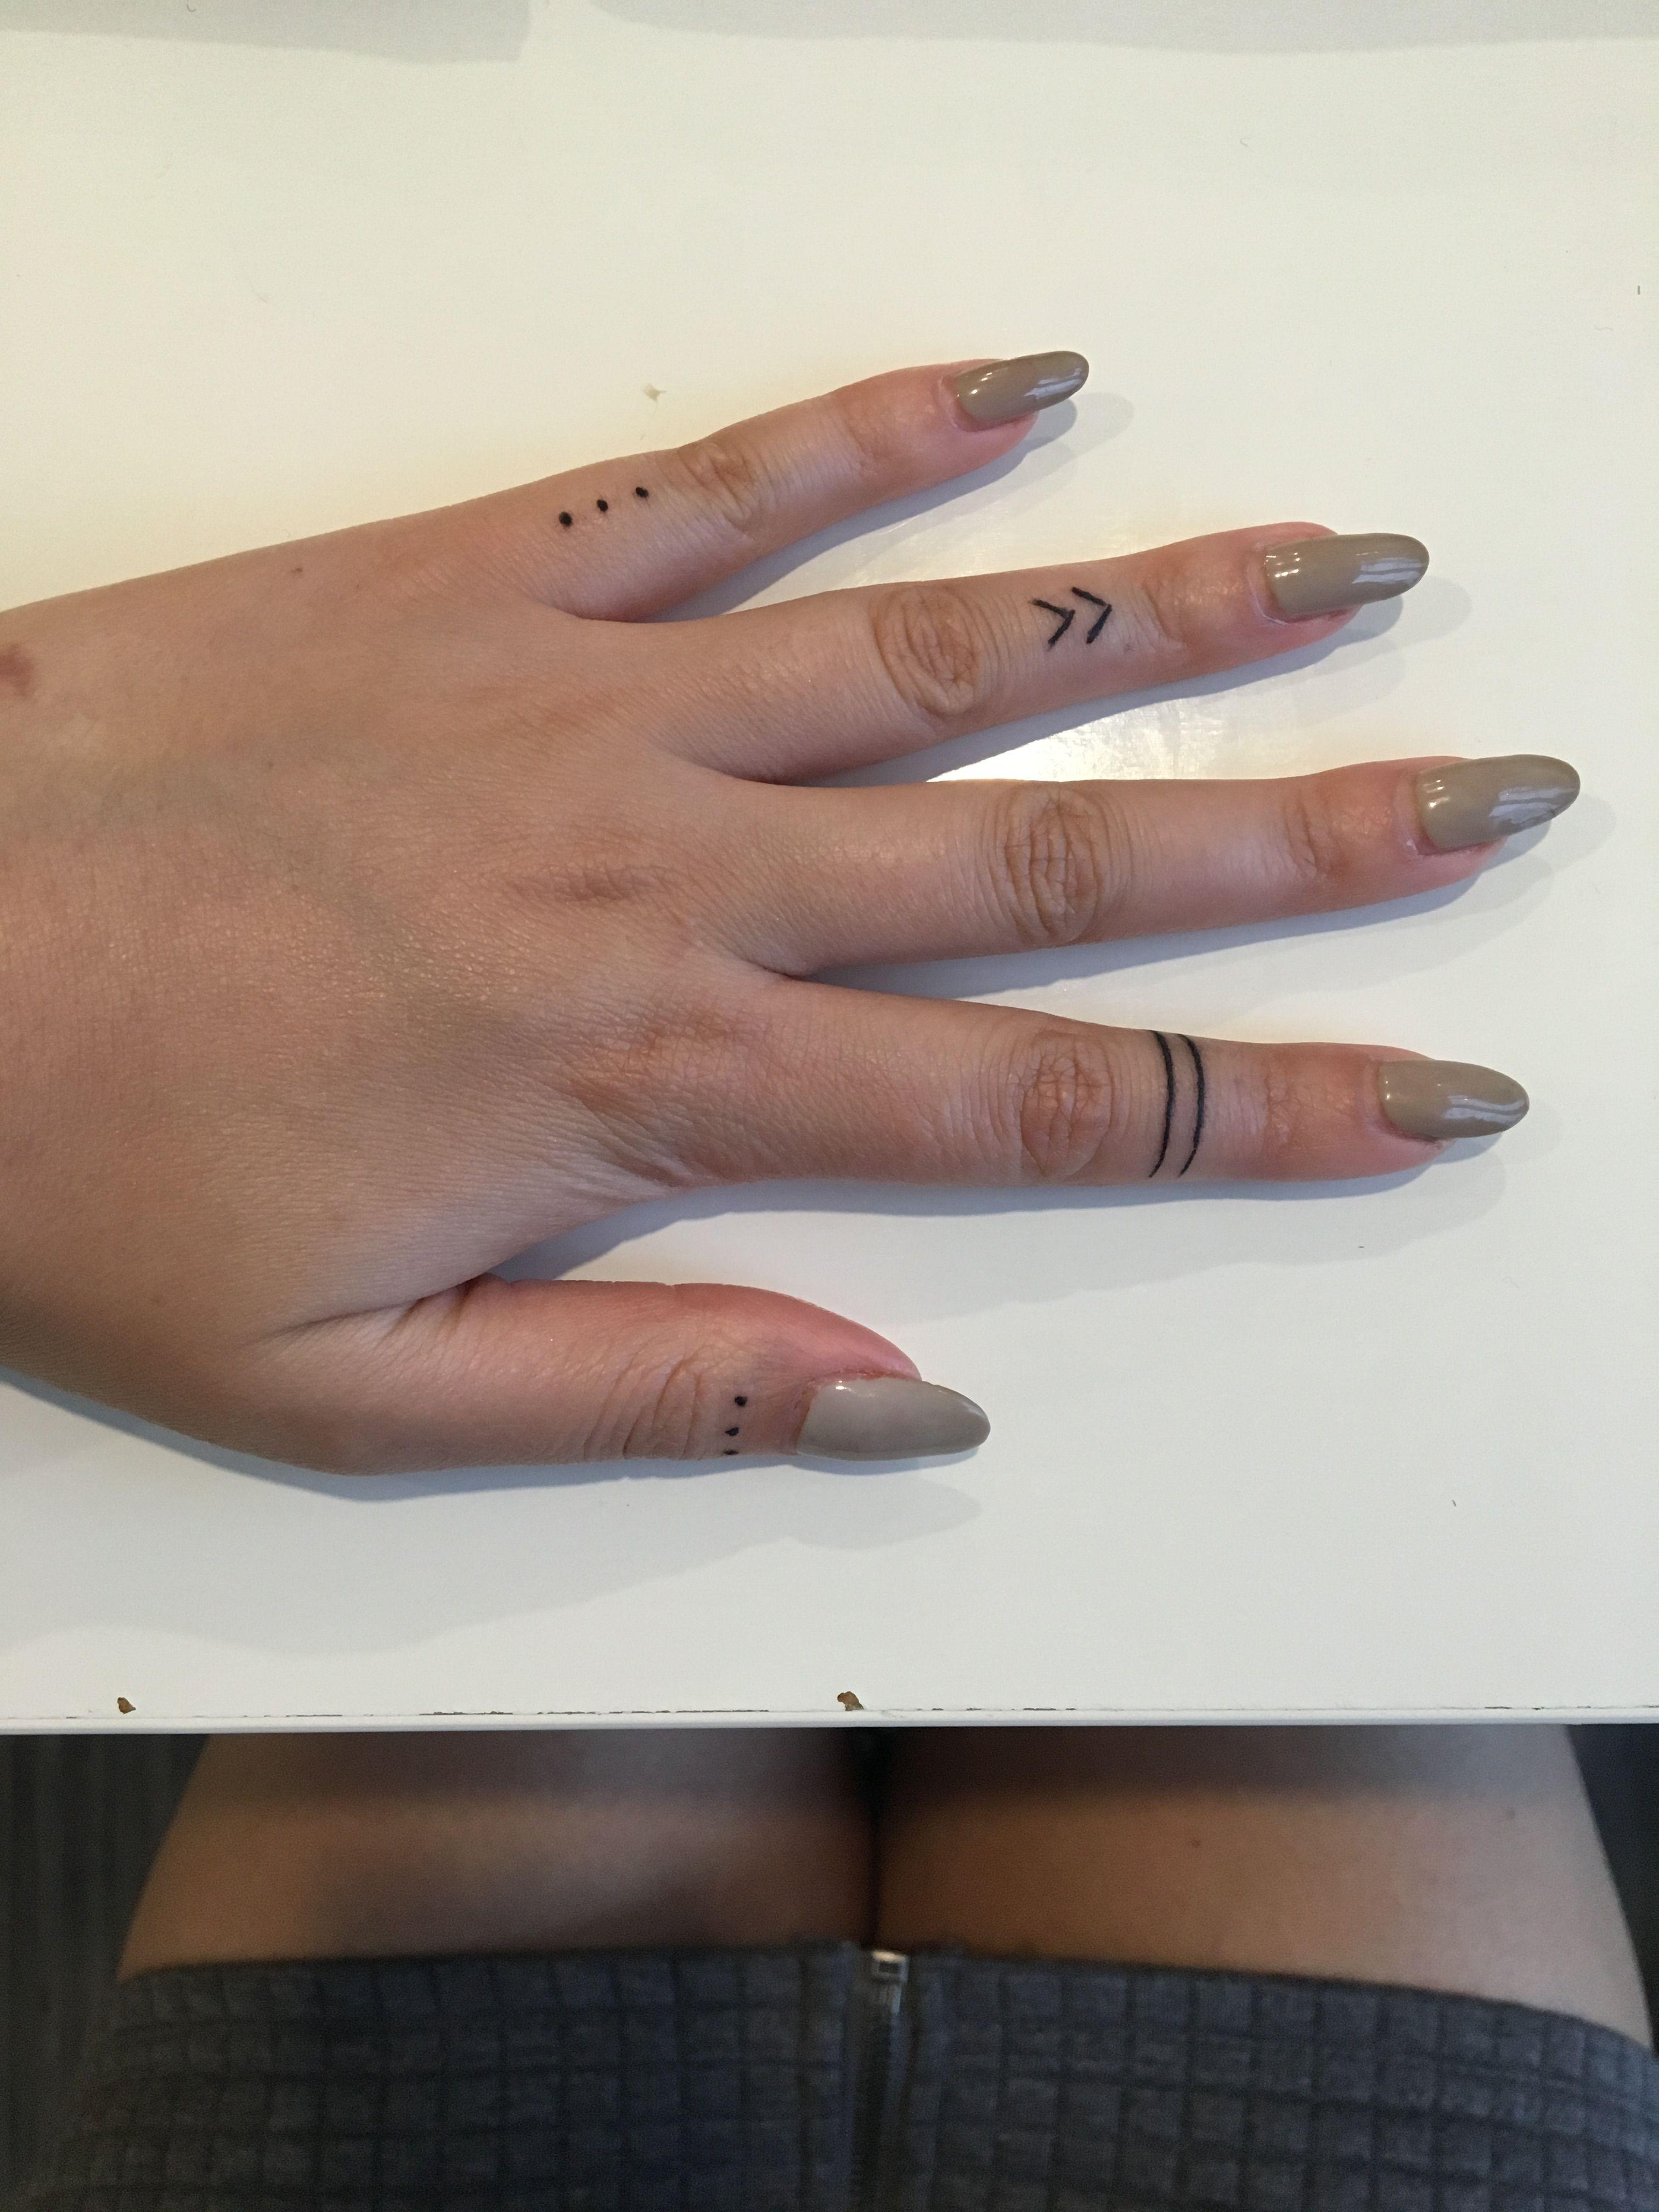 tres puntos en el dedo